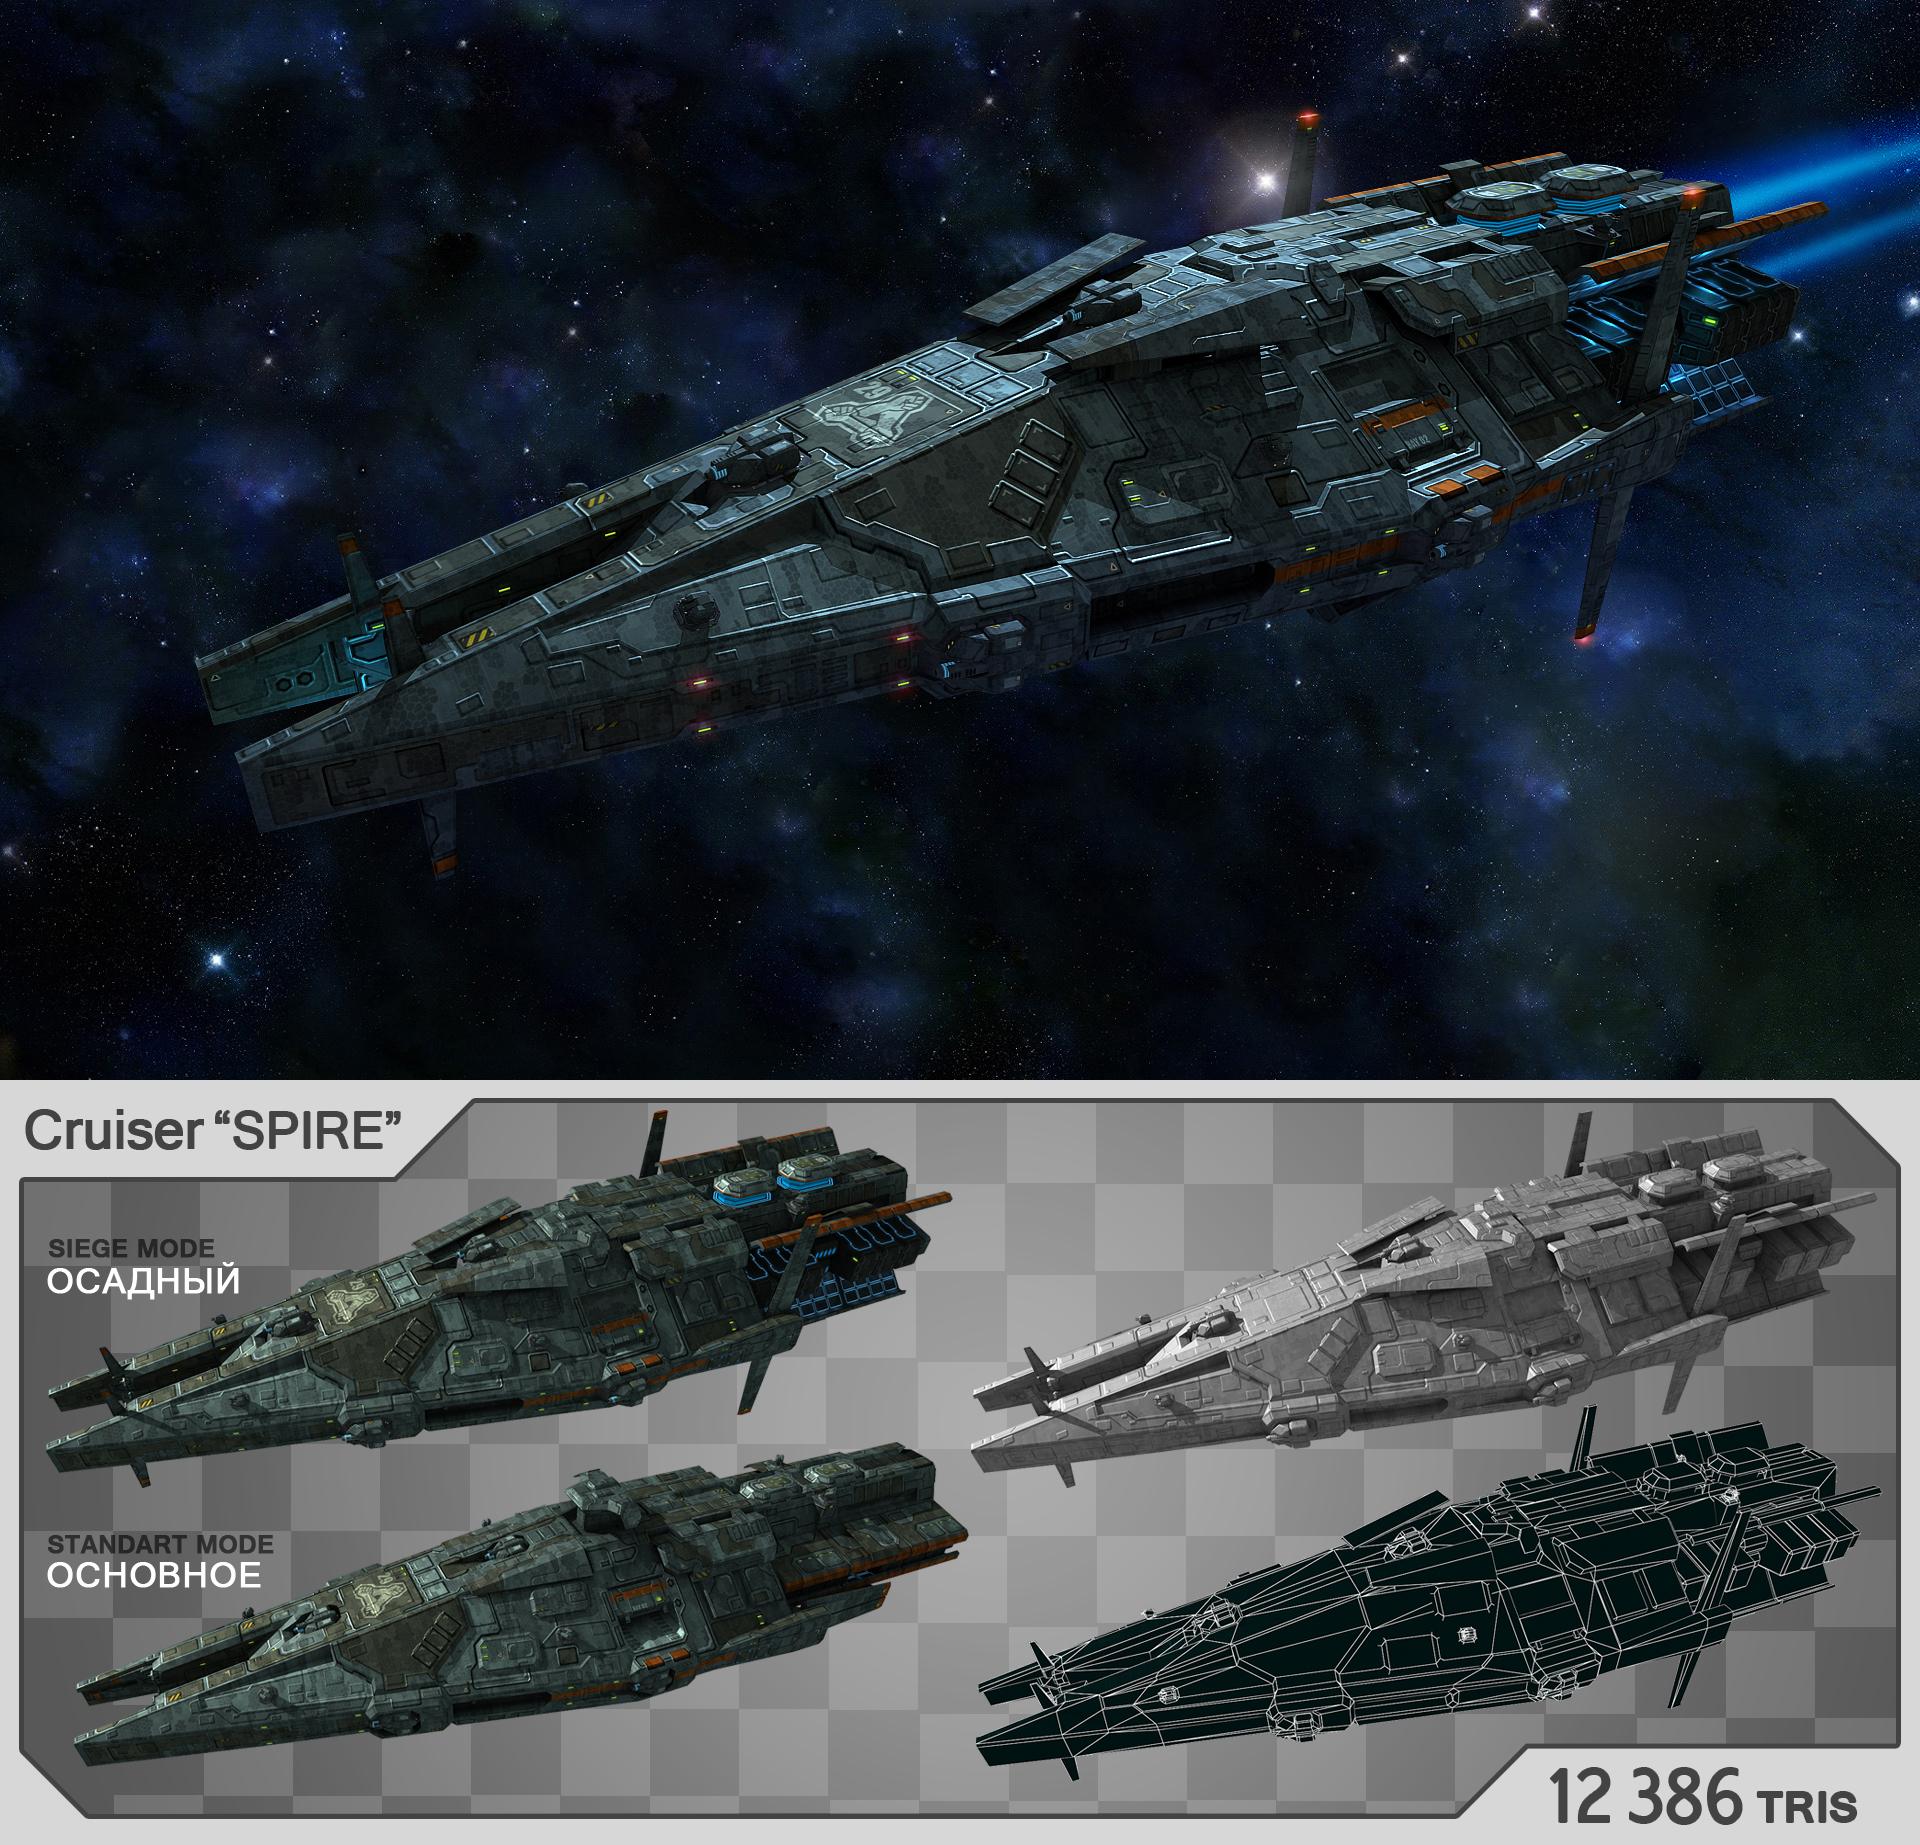 Assault cruiser SPIRE by NovA29R